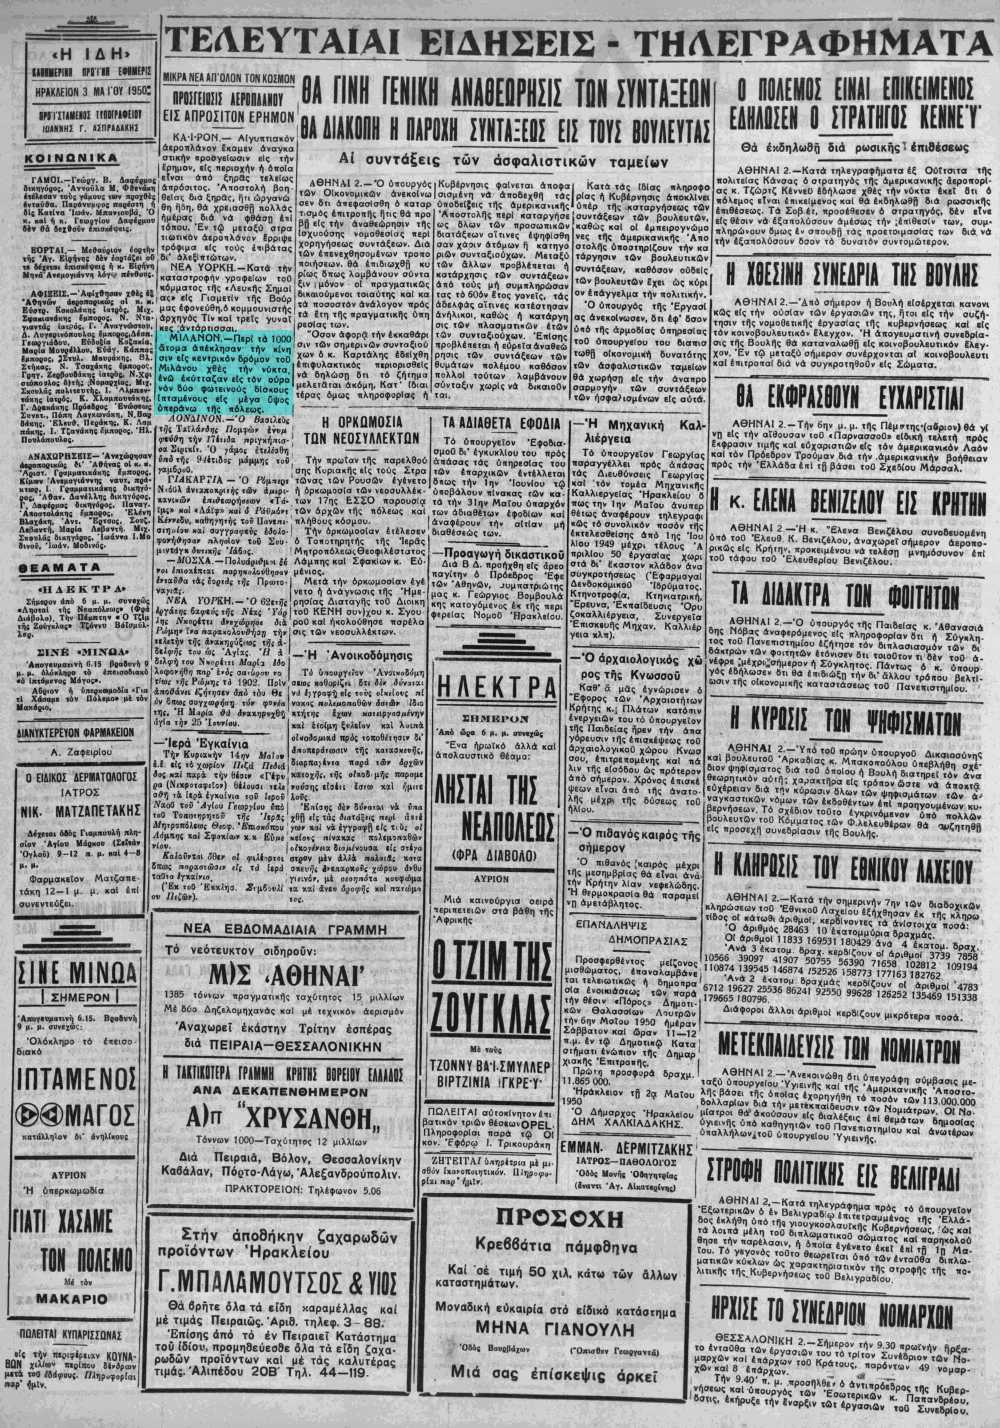 """Το άρθρο, όπως δημοσιεύθηκε στην εφημερίδα """"Η ΙΔΗ"""", στις 03/05/1950"""